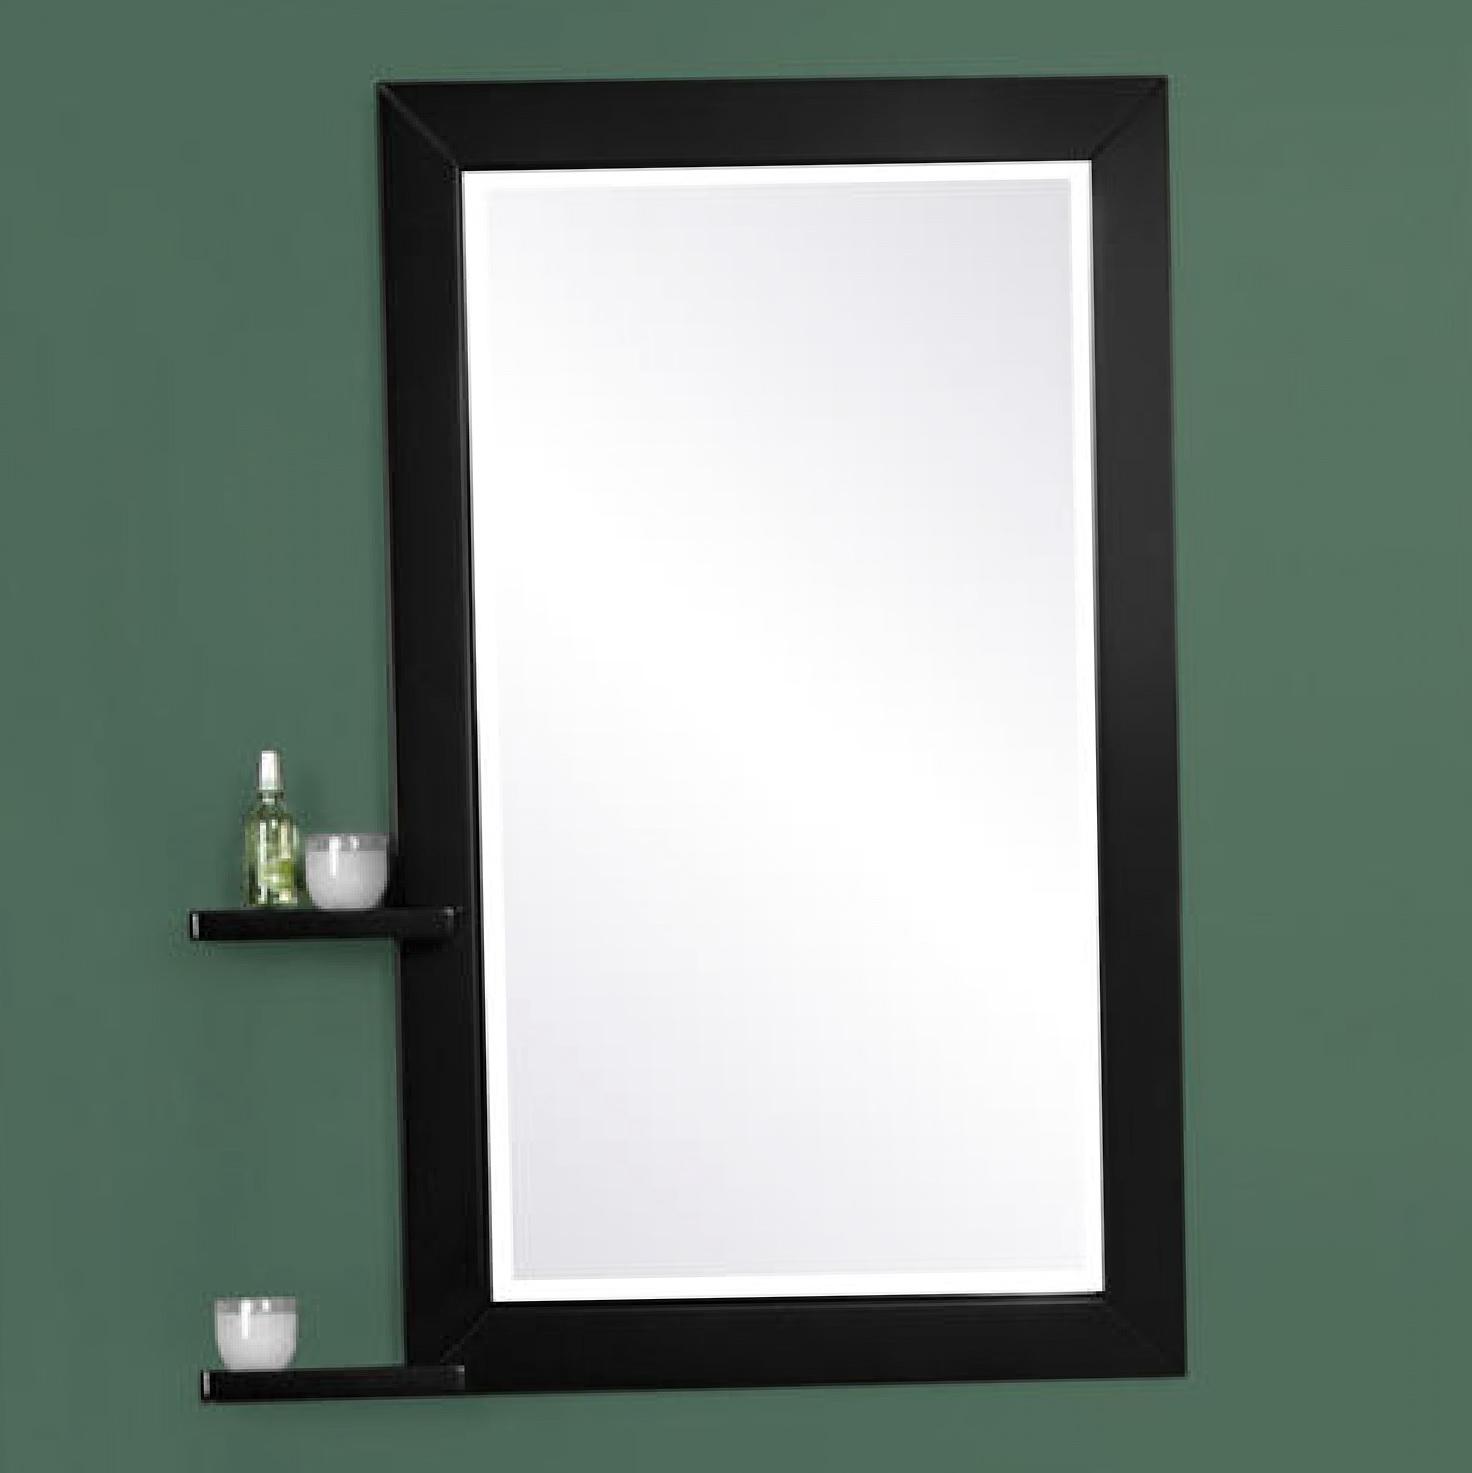 Black Bathroom Mirror With Shelf